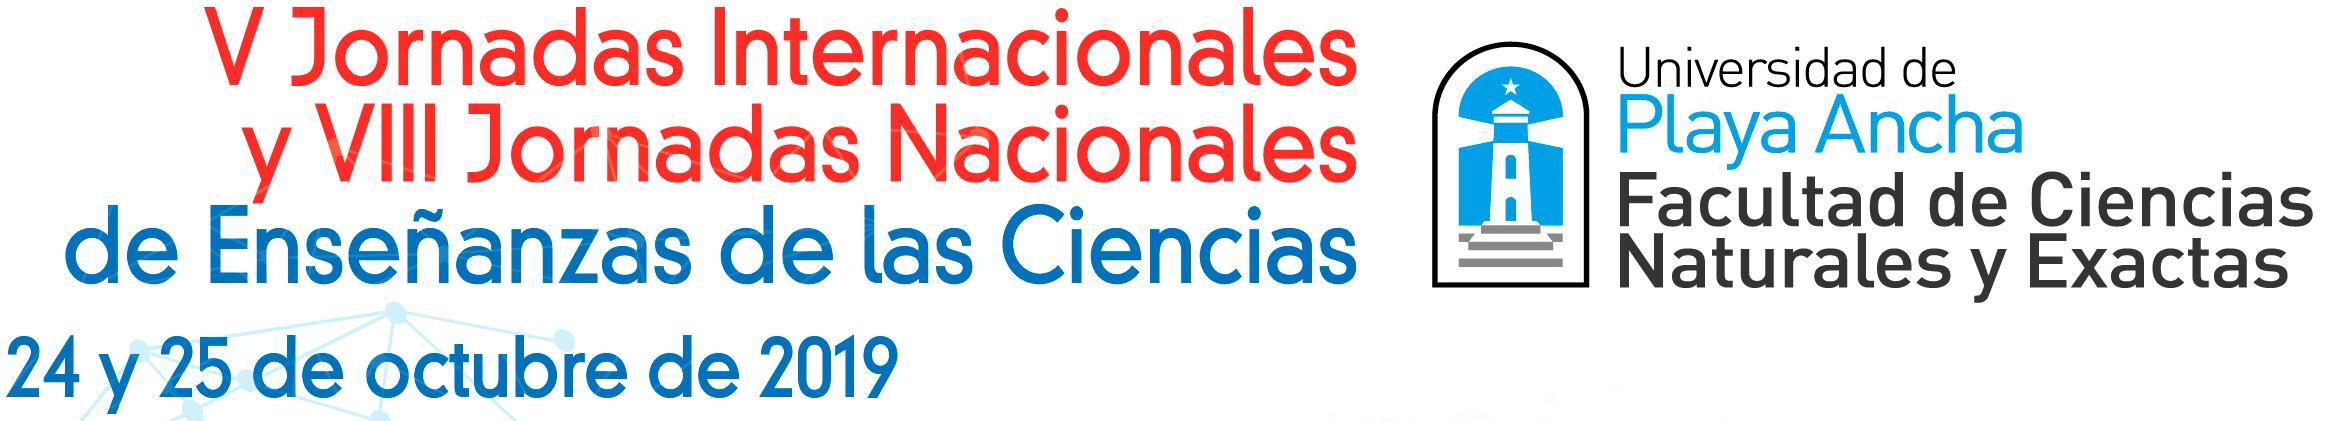 Universidad de Playa Ancha - Jornada de Enseñanza de las Ciencias